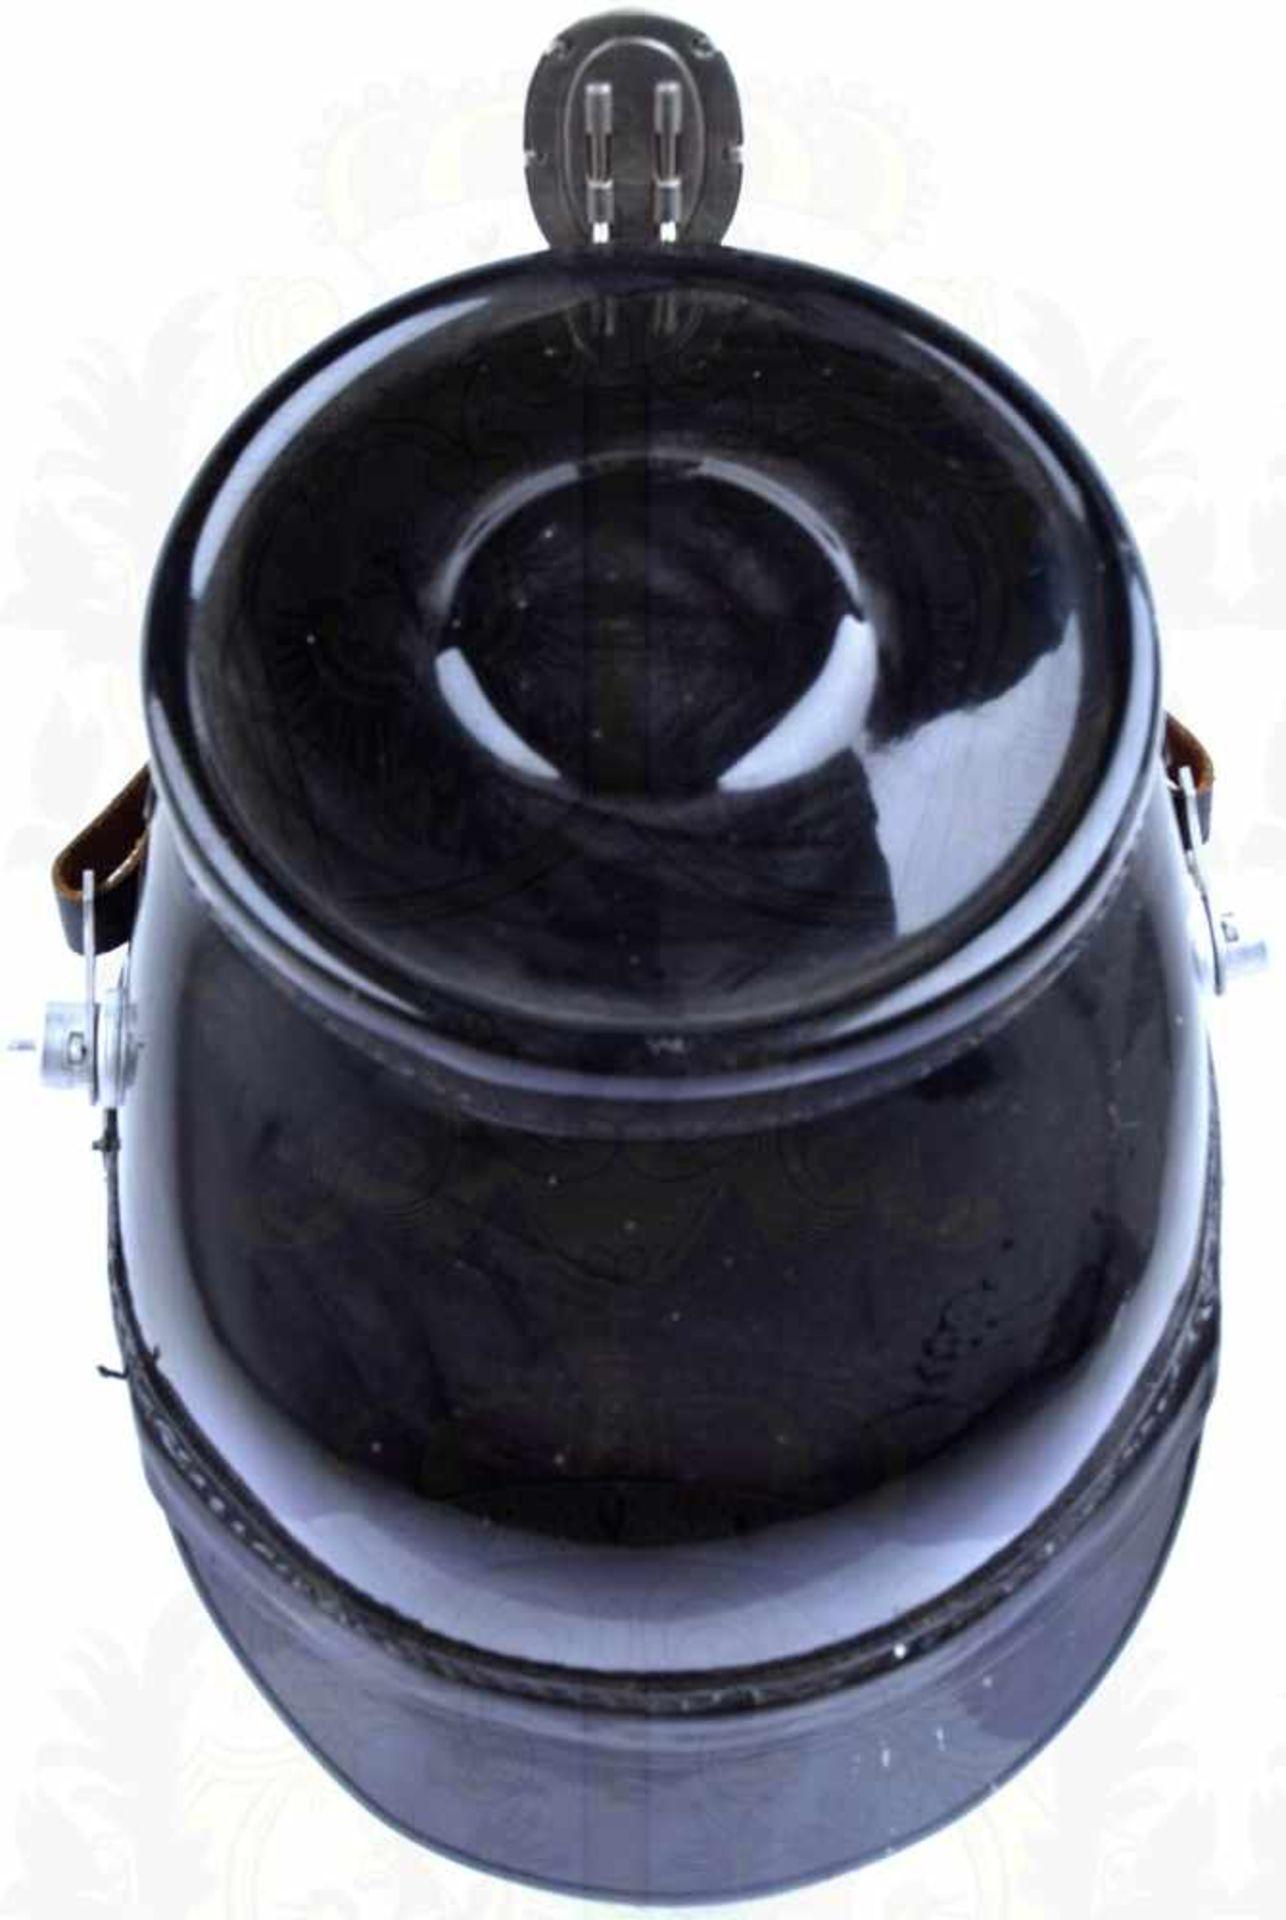 TSCHAKO POLIZEI WESTBERLIN, f. Mannschaften, so getragen 1962-1968, schwarzer Fiberkorpus, je 2 - Bild 4 aus 4